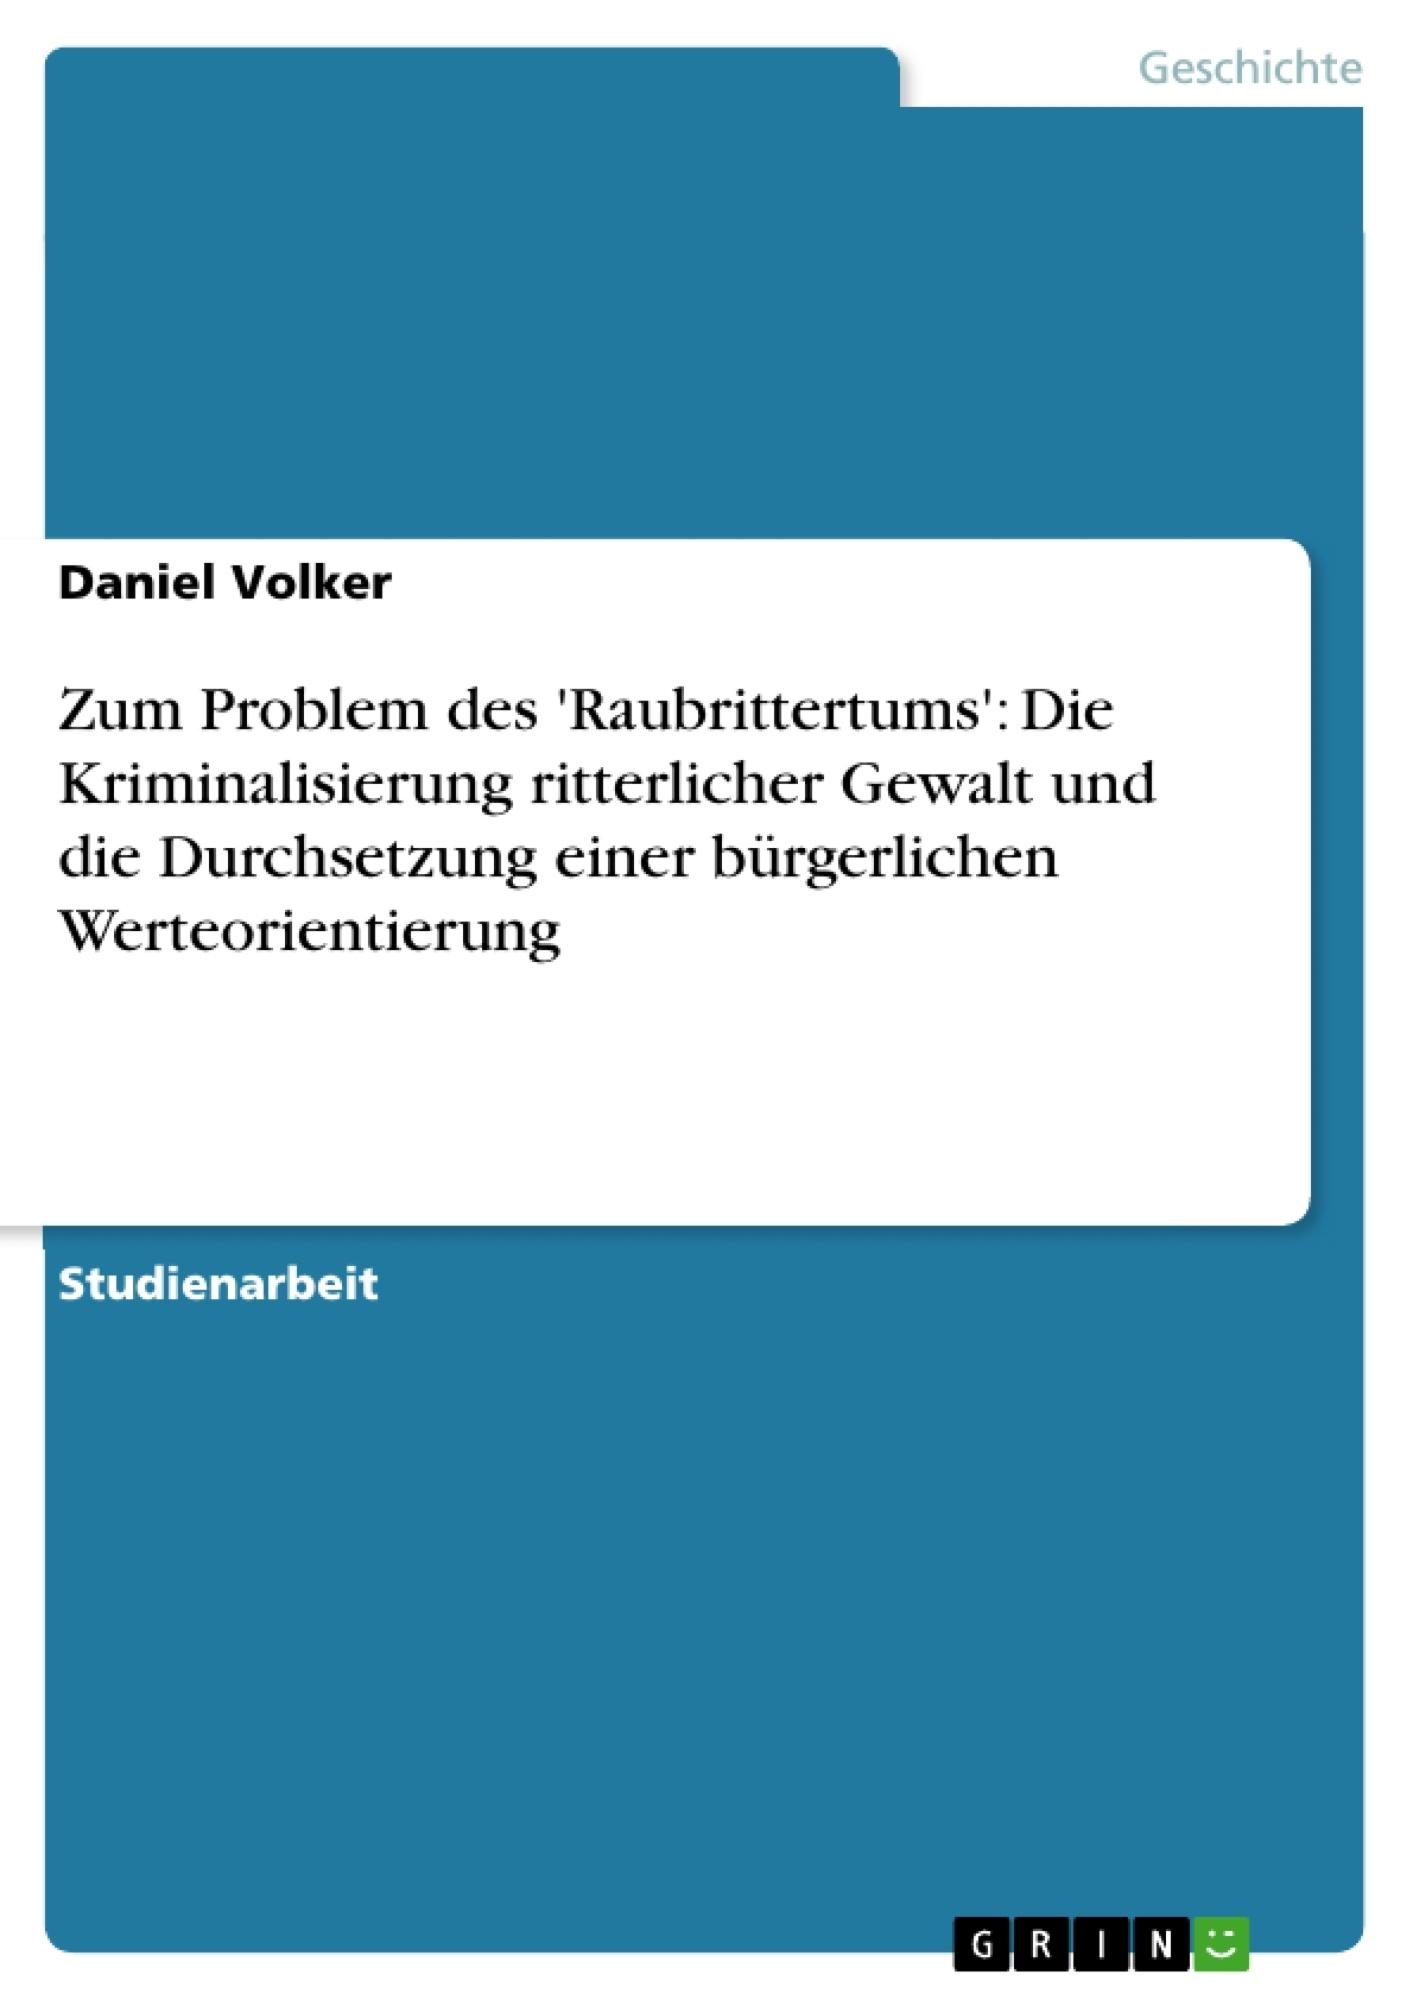 Titel: Zum Problem des 'Raubrittertums': Die Kriminalisierung ritterlicher Gewalt und  die Durchsetzung einer bürgerlichen Werteorientierung